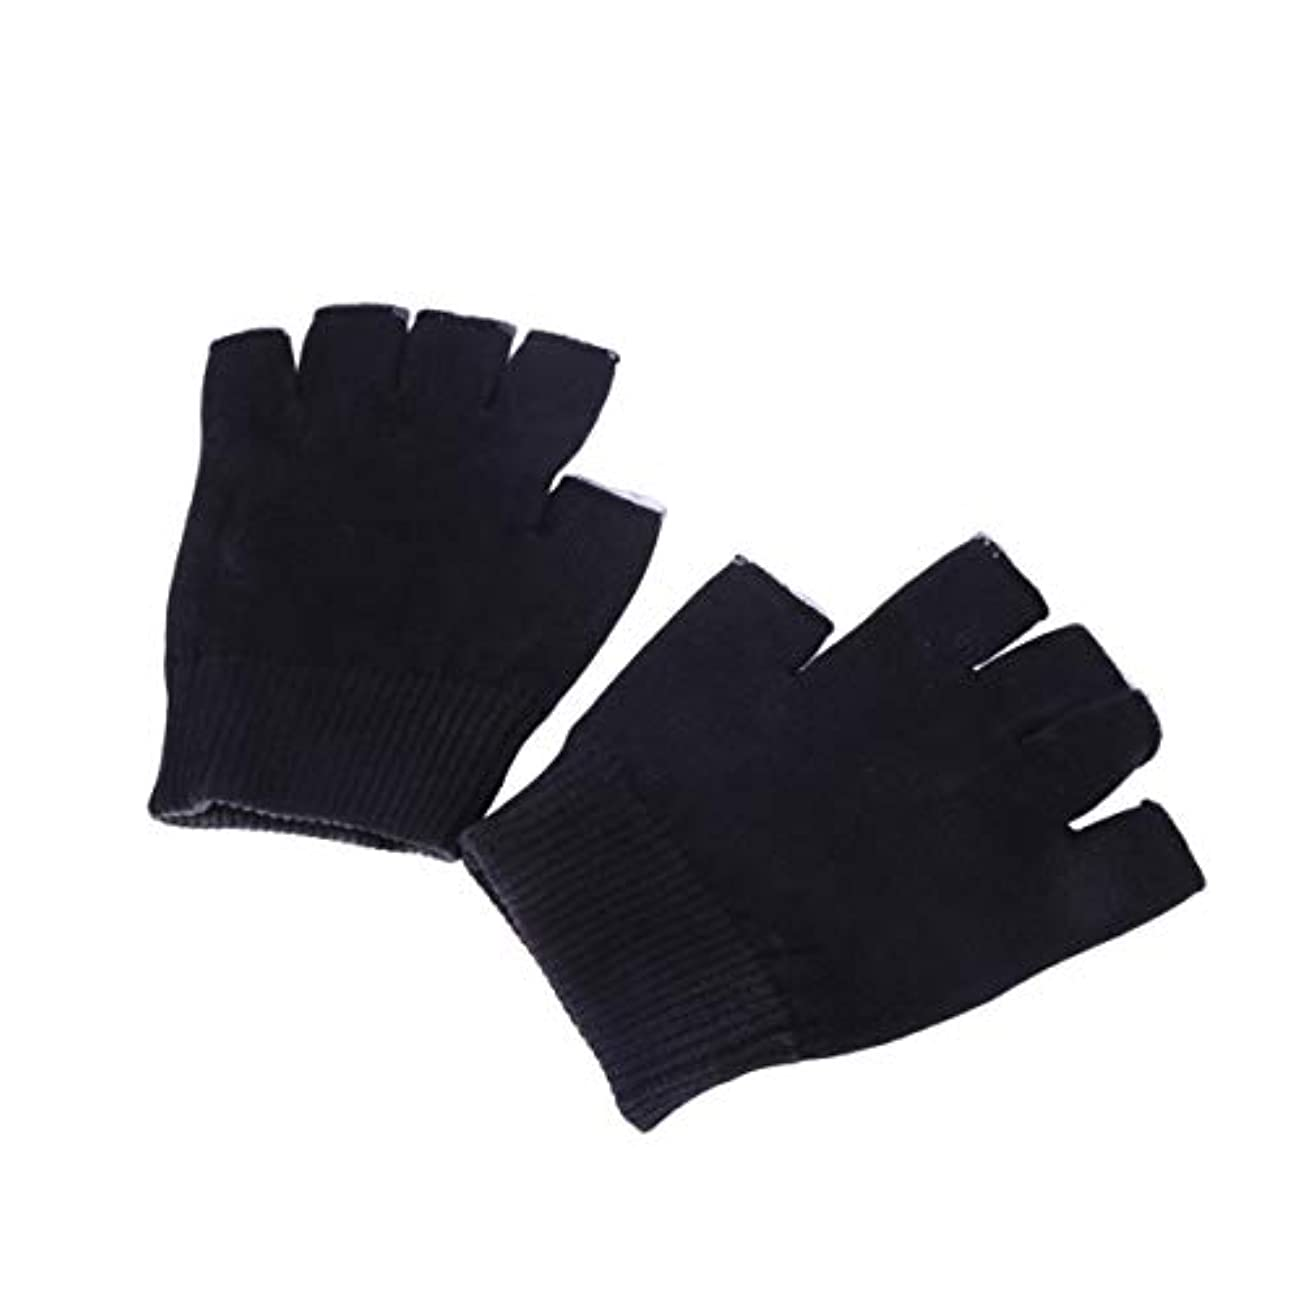 SUPVOX ハンドケア 手袋 指なし ゲル 保湿 美容成分配合 手荒れ 対策 おやすみ スキンケア グローブ うるおい 保護